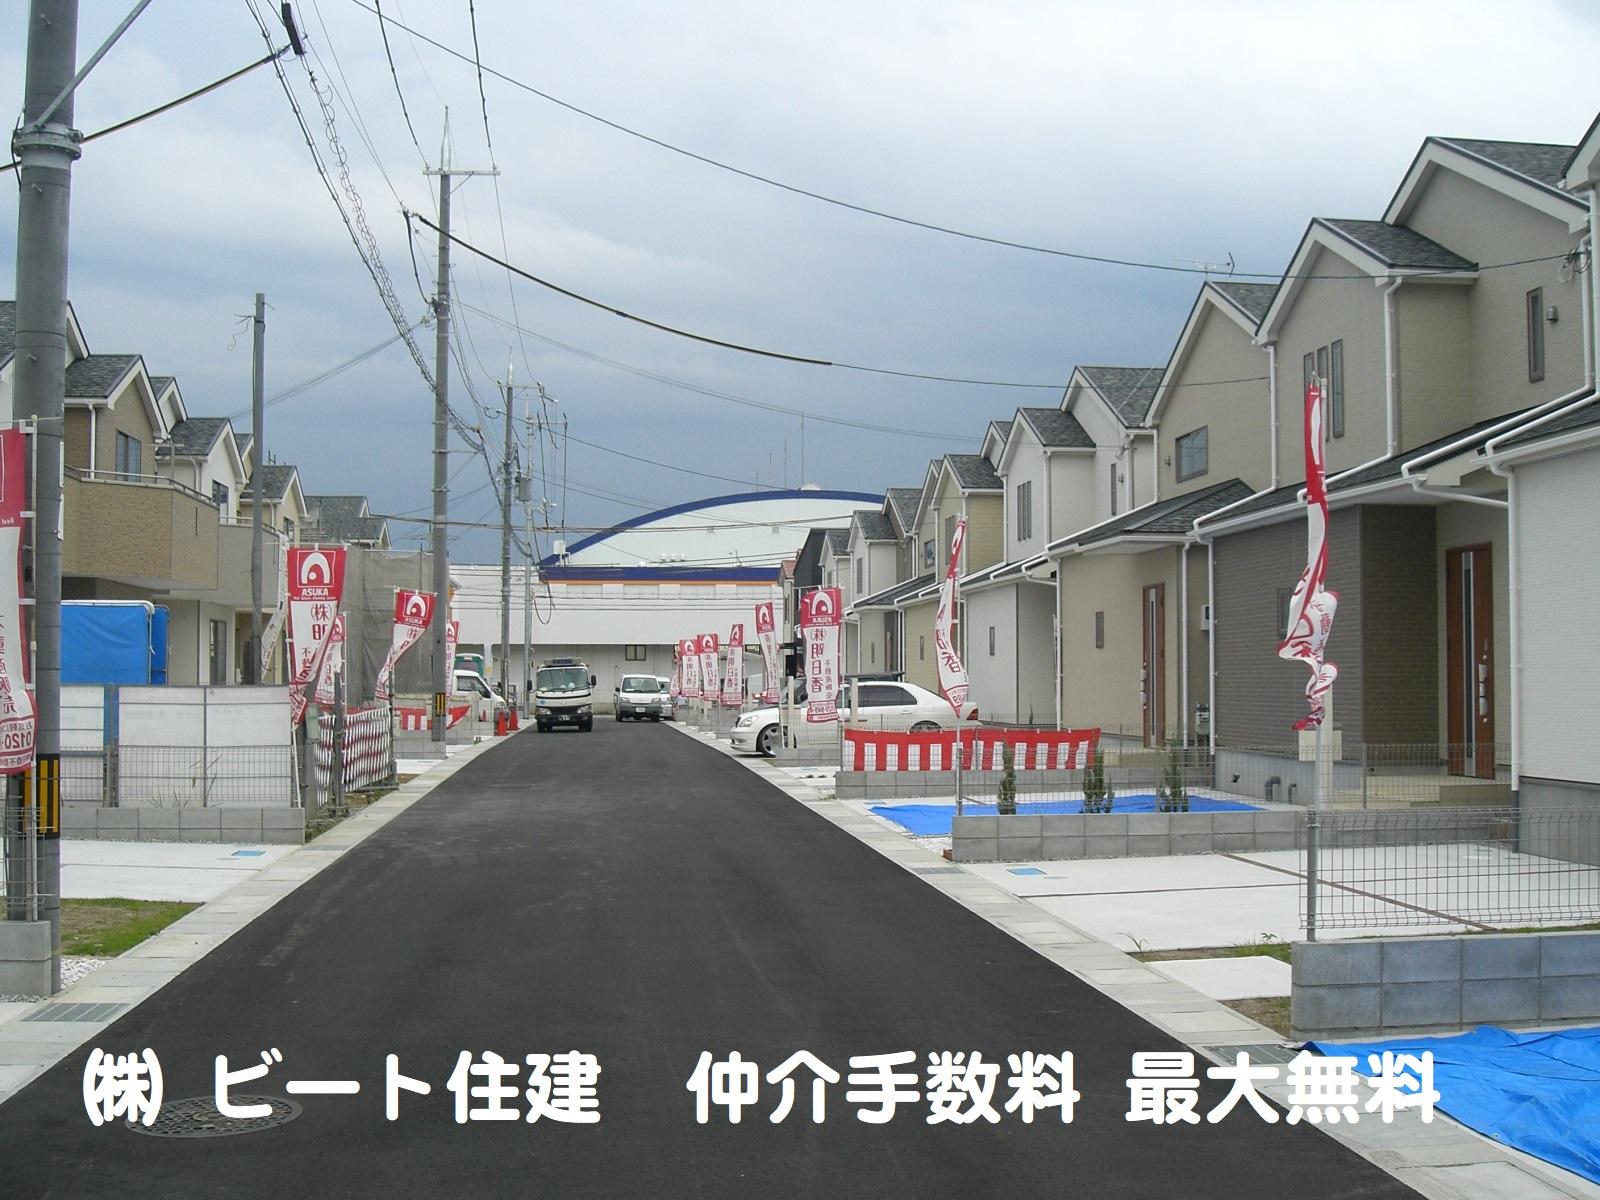 奈良県 橿原市 新築 お買い得 ビート住建 仲介手数料 最大無料 値引き、値下げ 大歓迎!